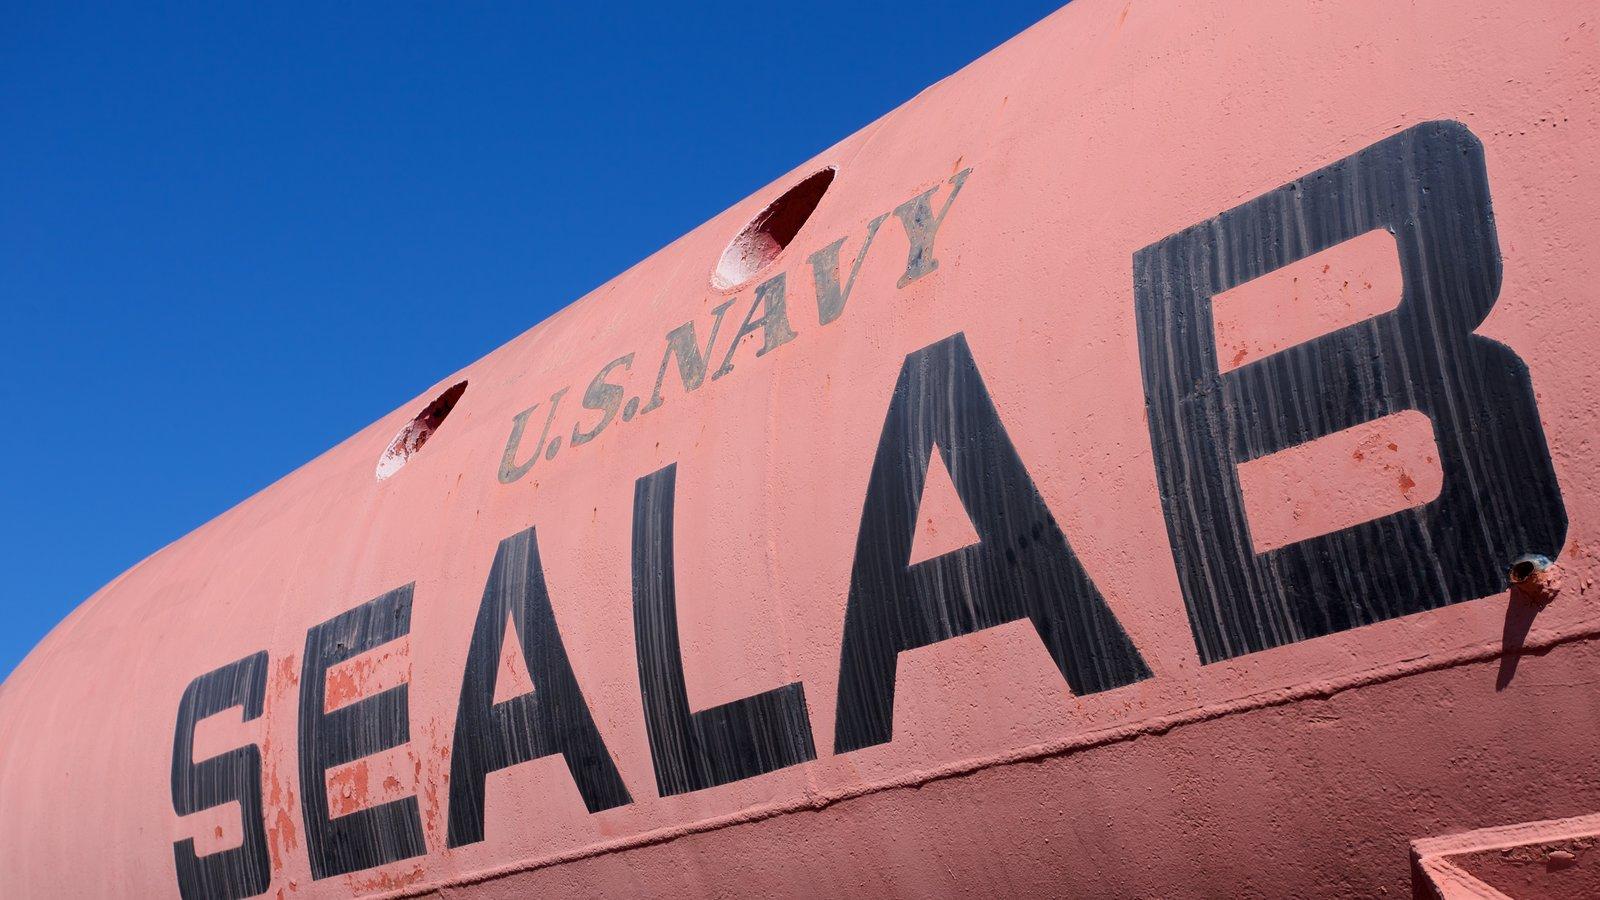 Museum of Man in the Sea caracterizando sinalização